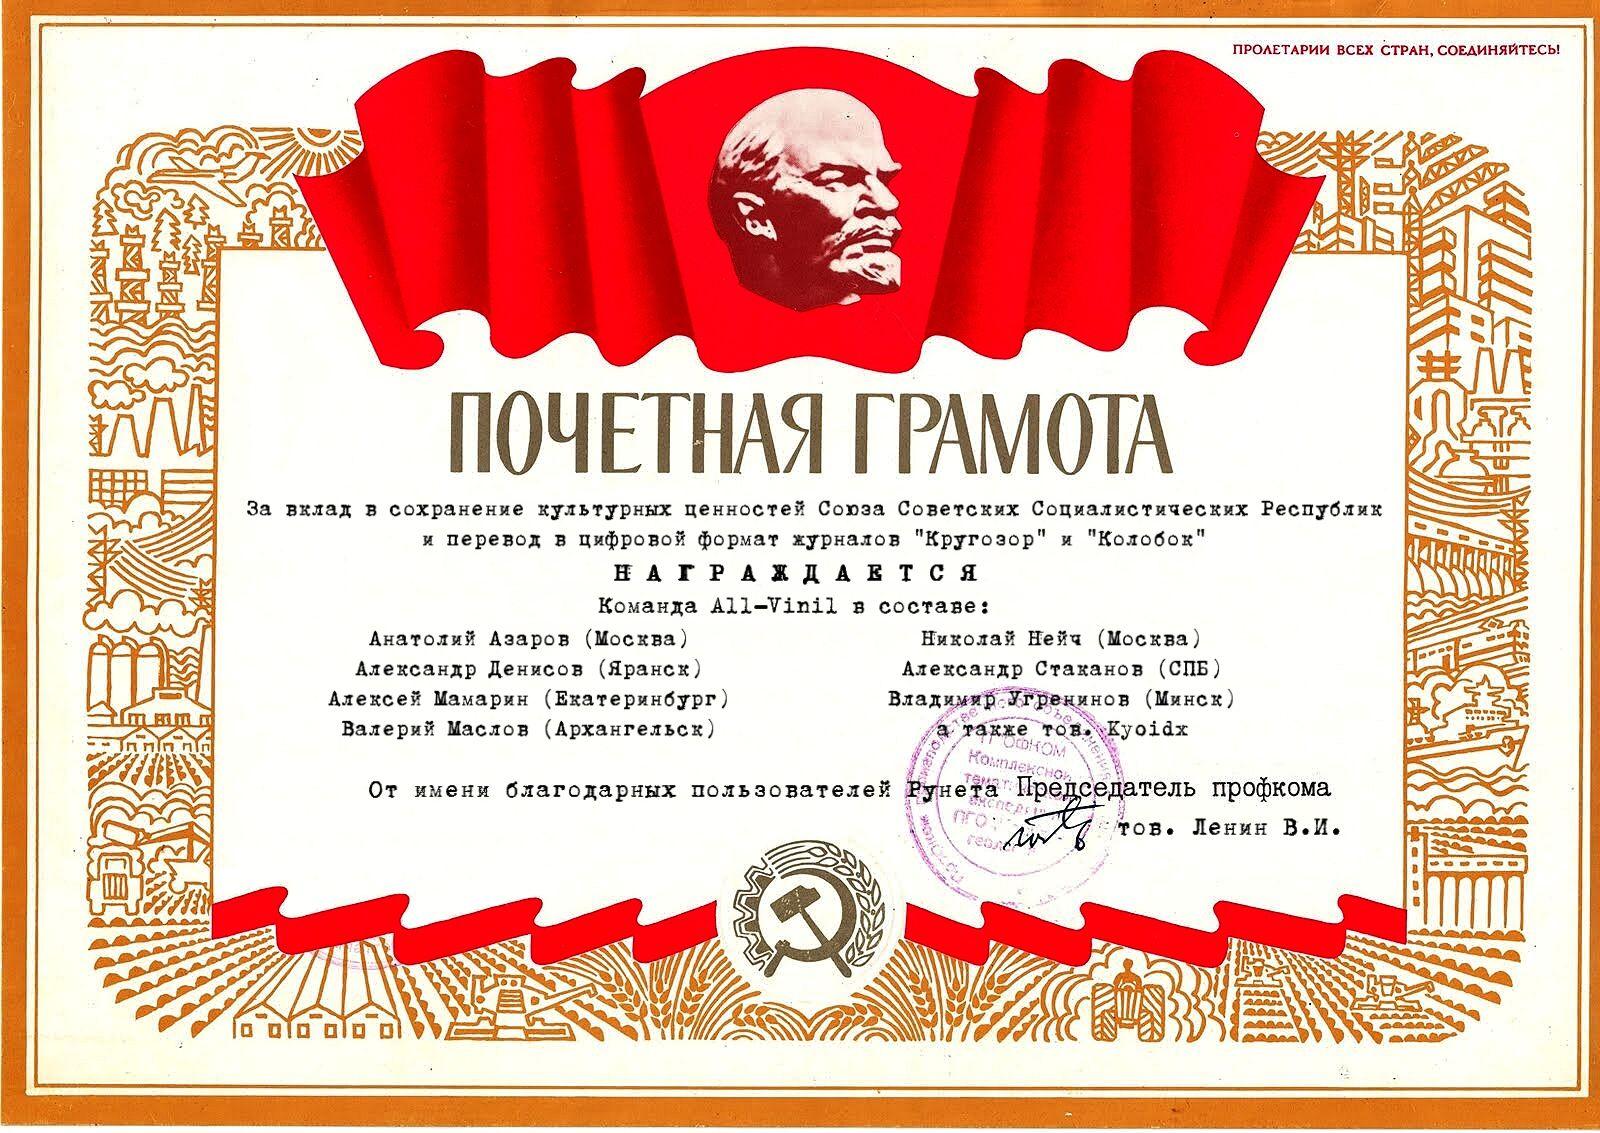 http://i5.imageban.ru/out/2013/11/20/82787483072fa9f1b873da44b0e013cc.jpg